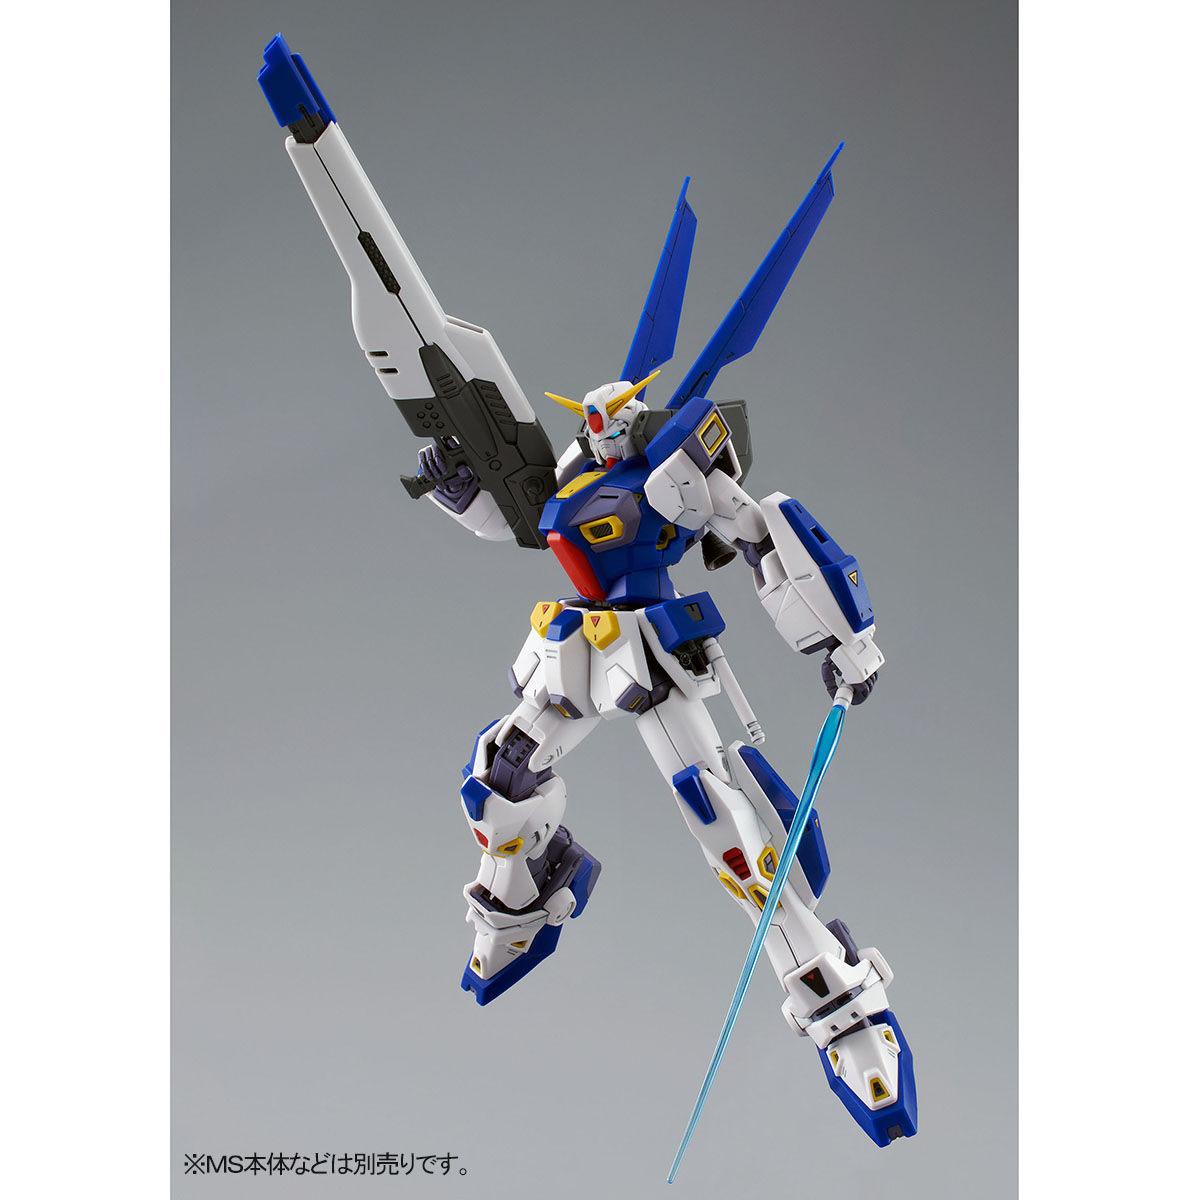 【限定販売】MG 1/100『ガンダムF90用 ミッションパック Oタイプ&Uタイプ』プラモデル-006